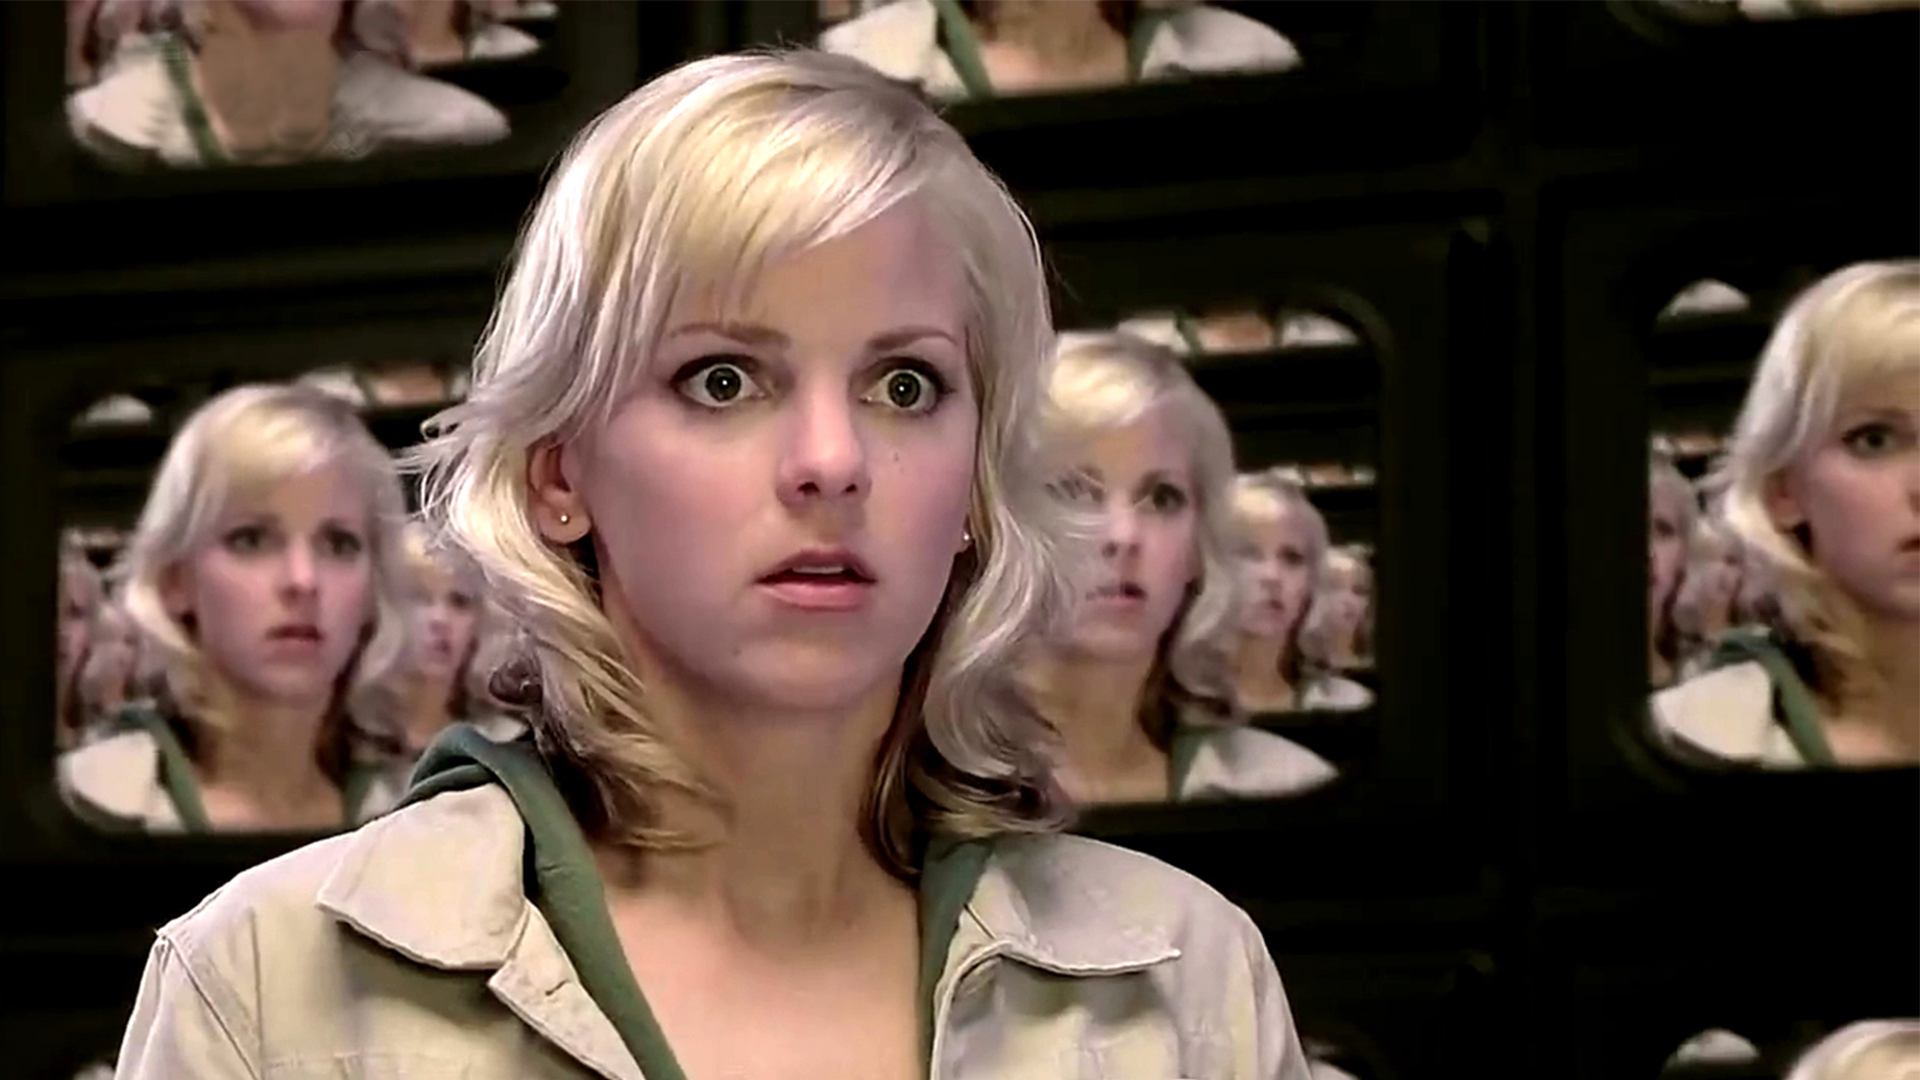 电影吐槽:《惊声尖笑3》来袭!看看这部制作组又加入了什么脑洞